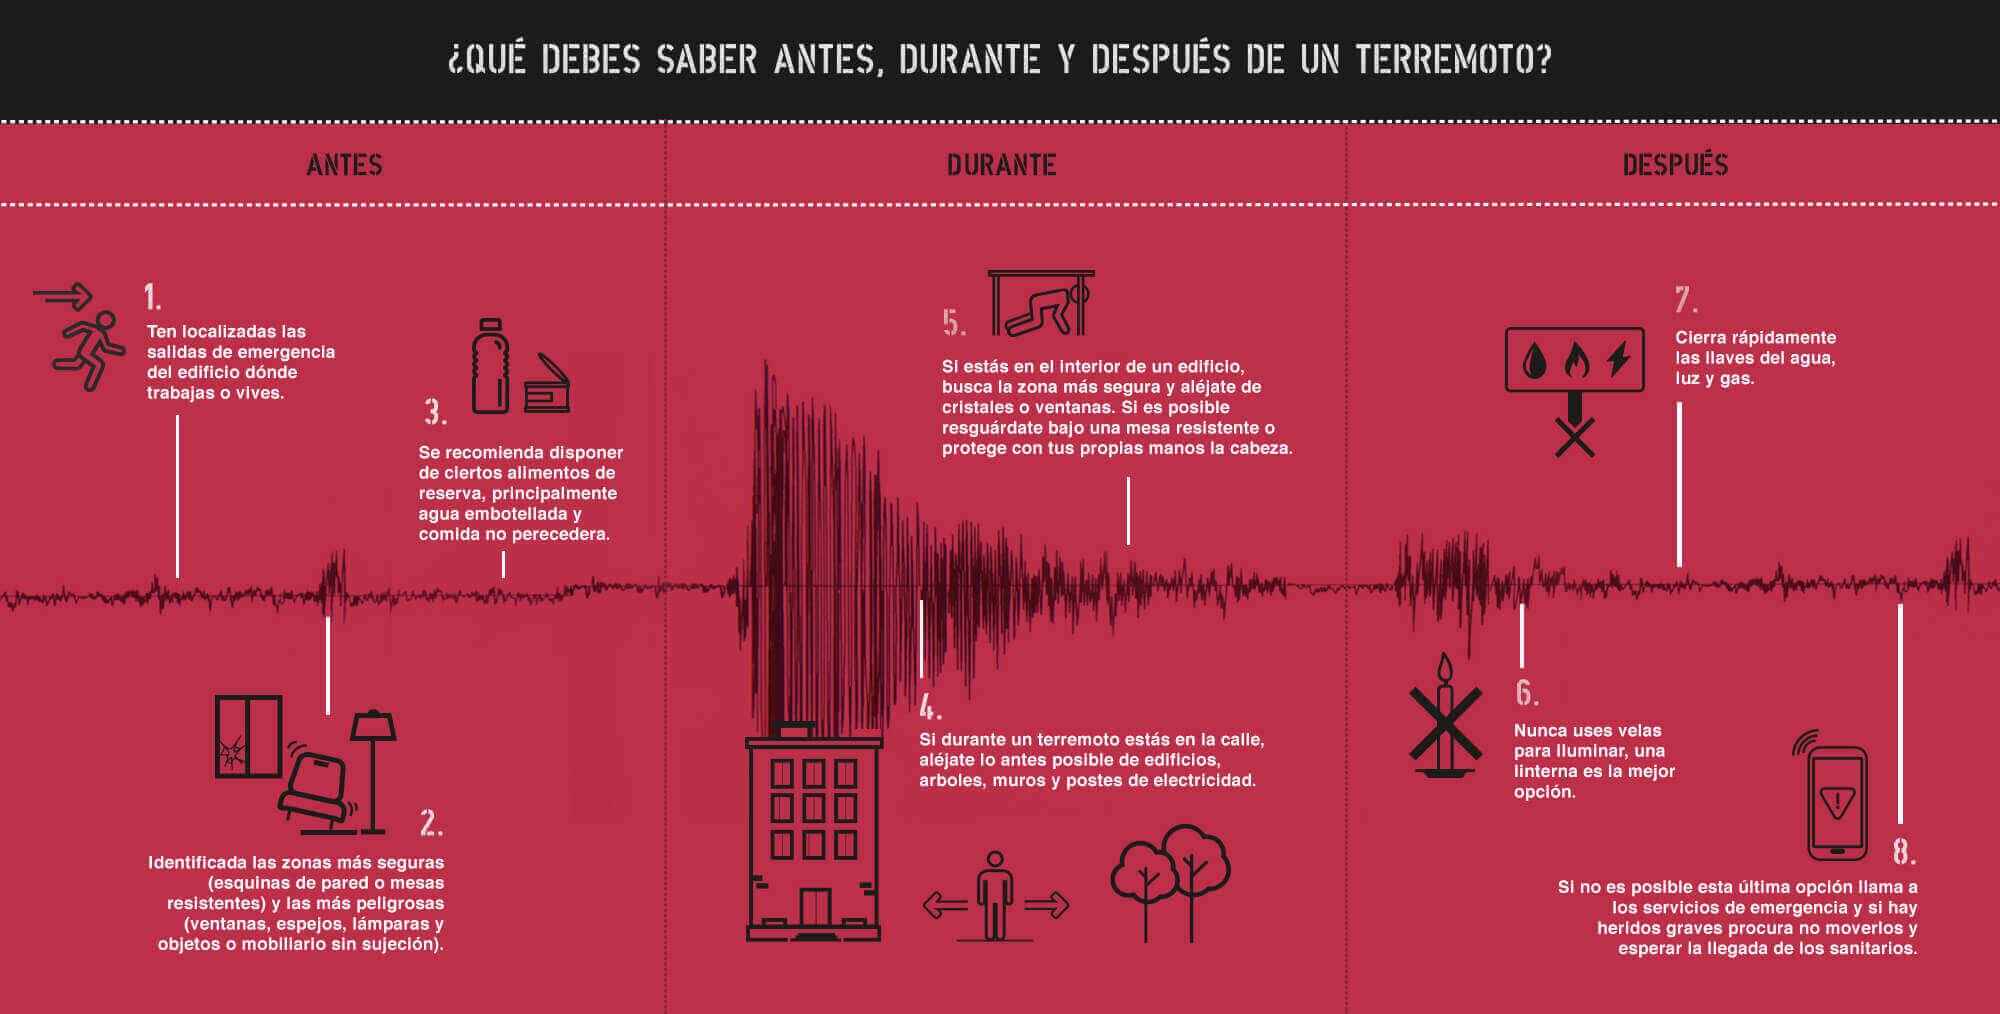 Infografía consejos de actuación ante un terremoto